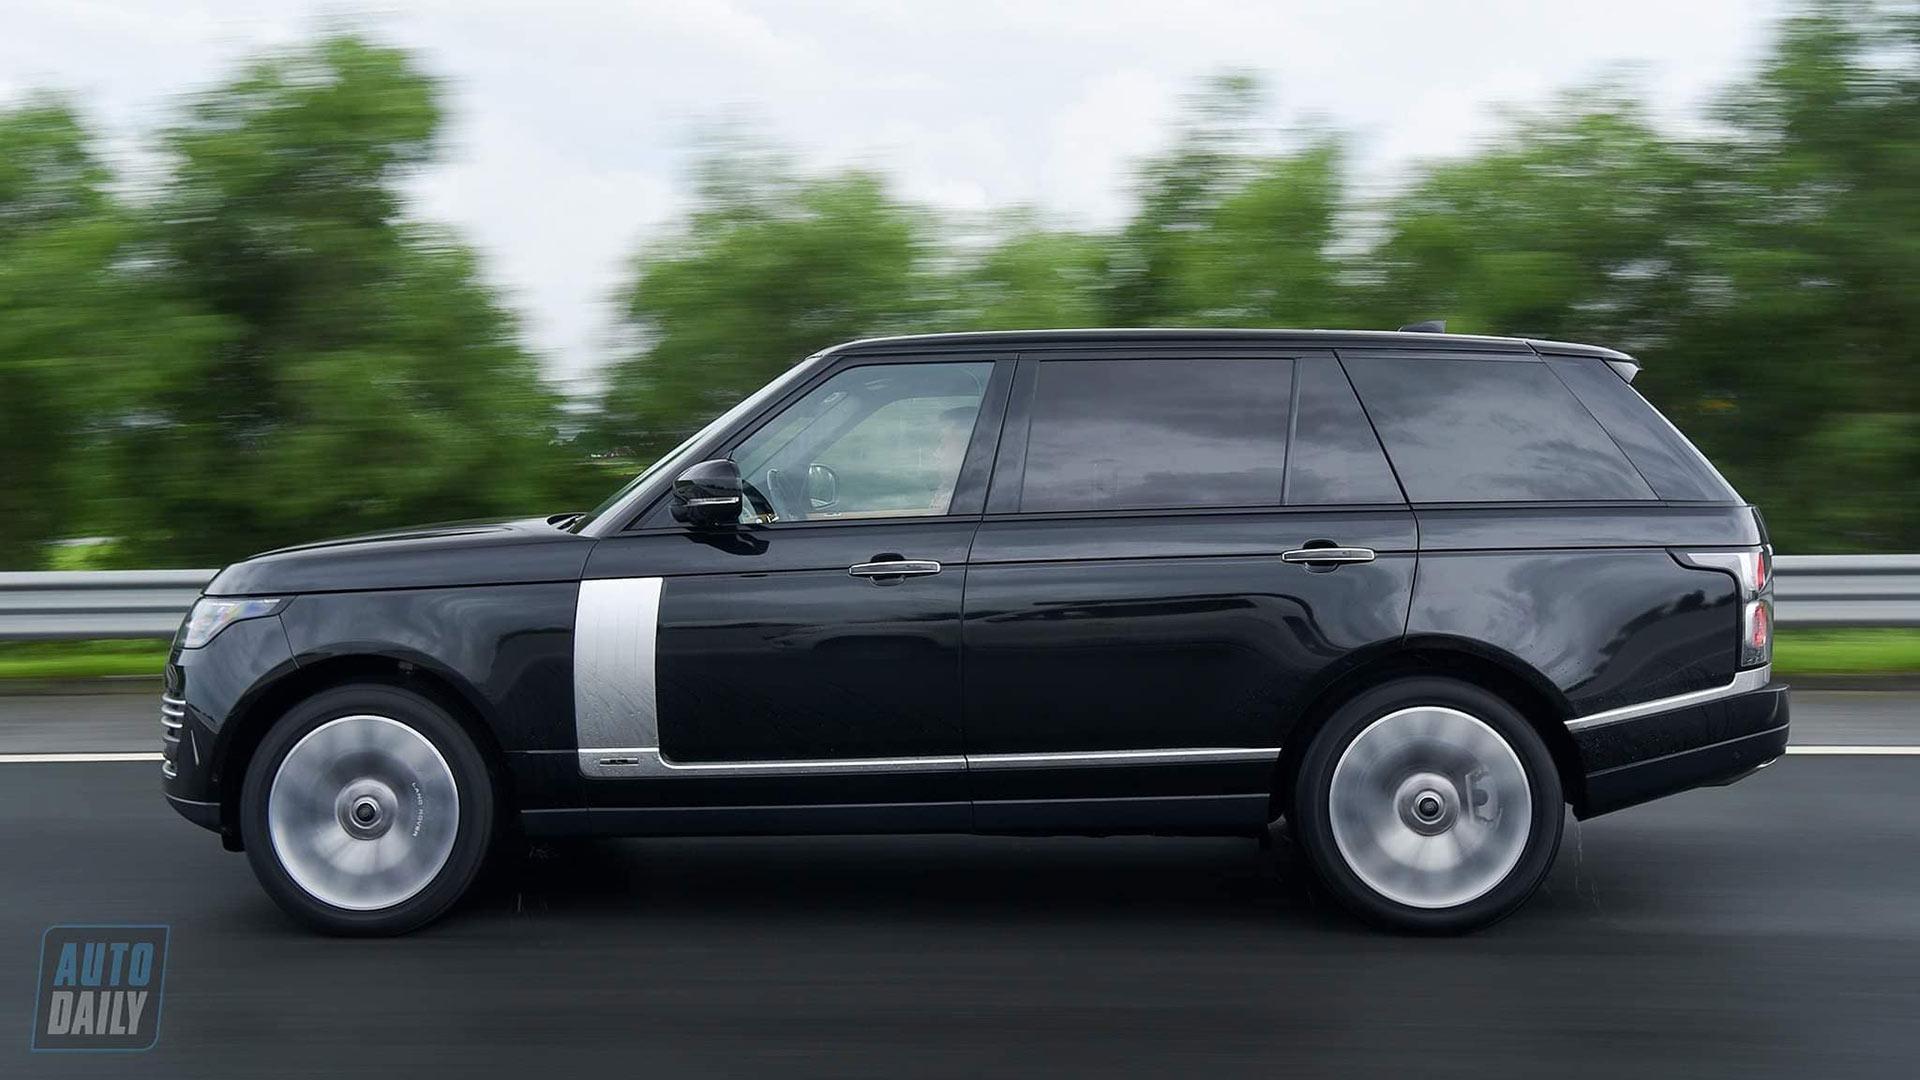 Trải nghiệm Range Rover Autobiography 2020 LWB 11,6 tỷ chính hãng